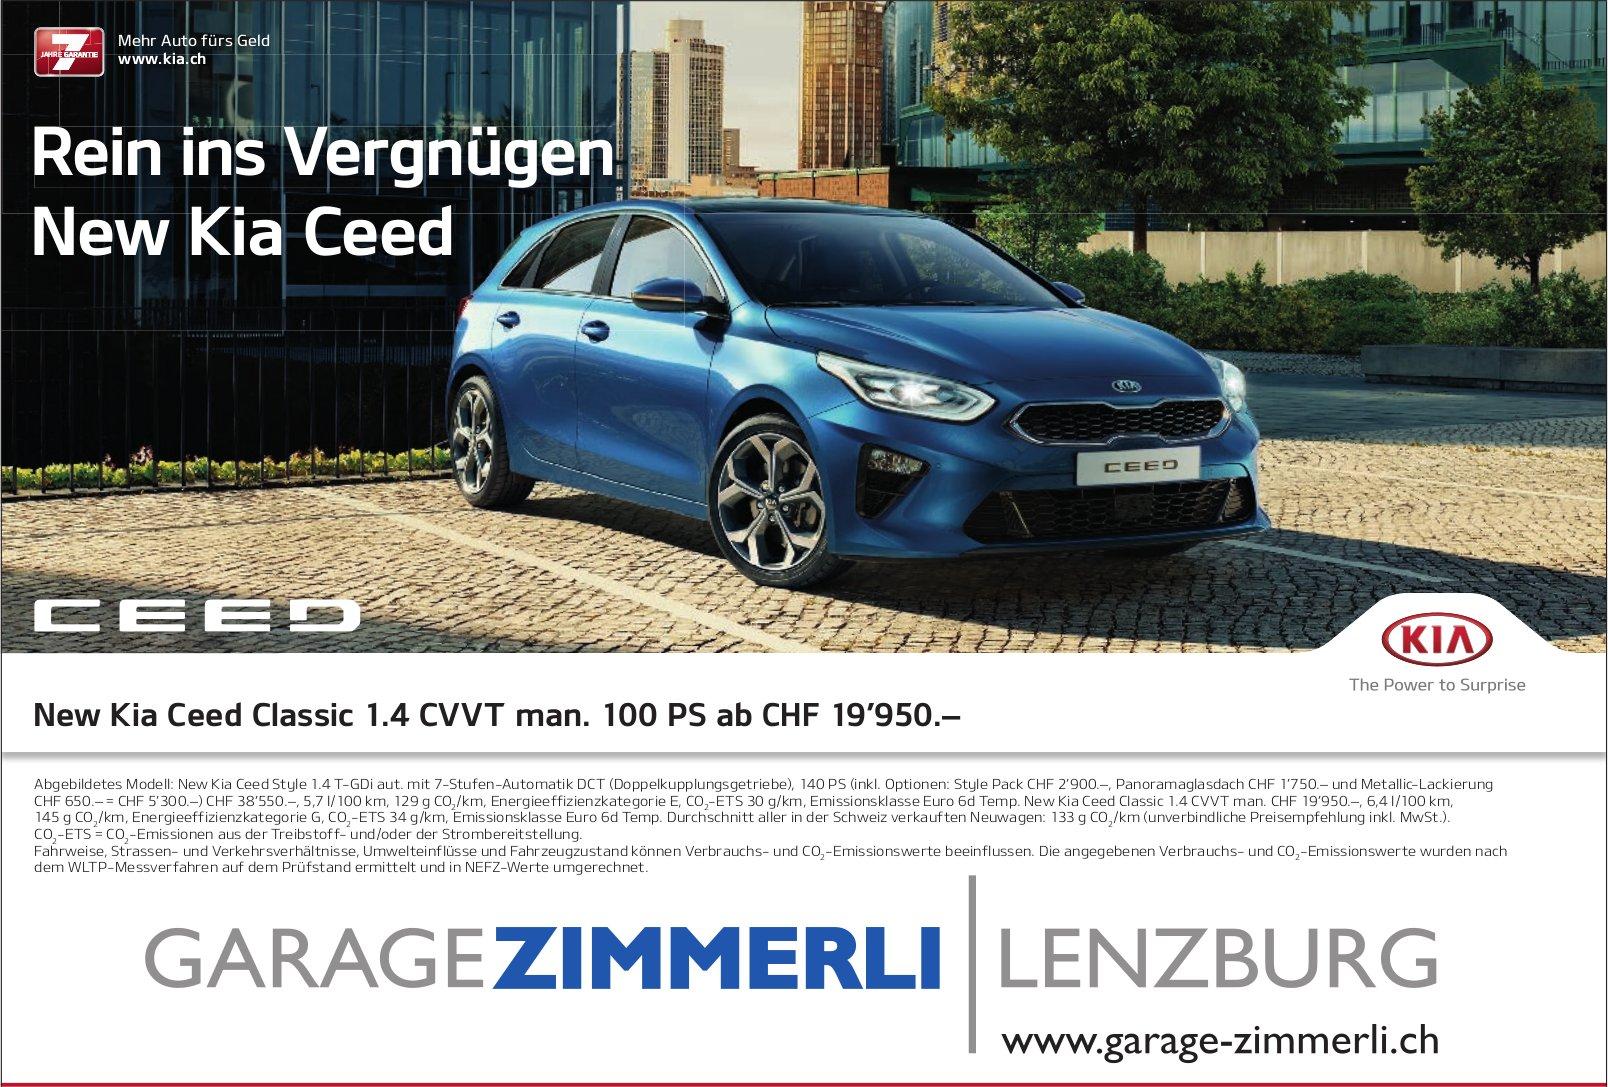 Garage Zimmerli - Rein ins Vergnügen New Kia Ceed